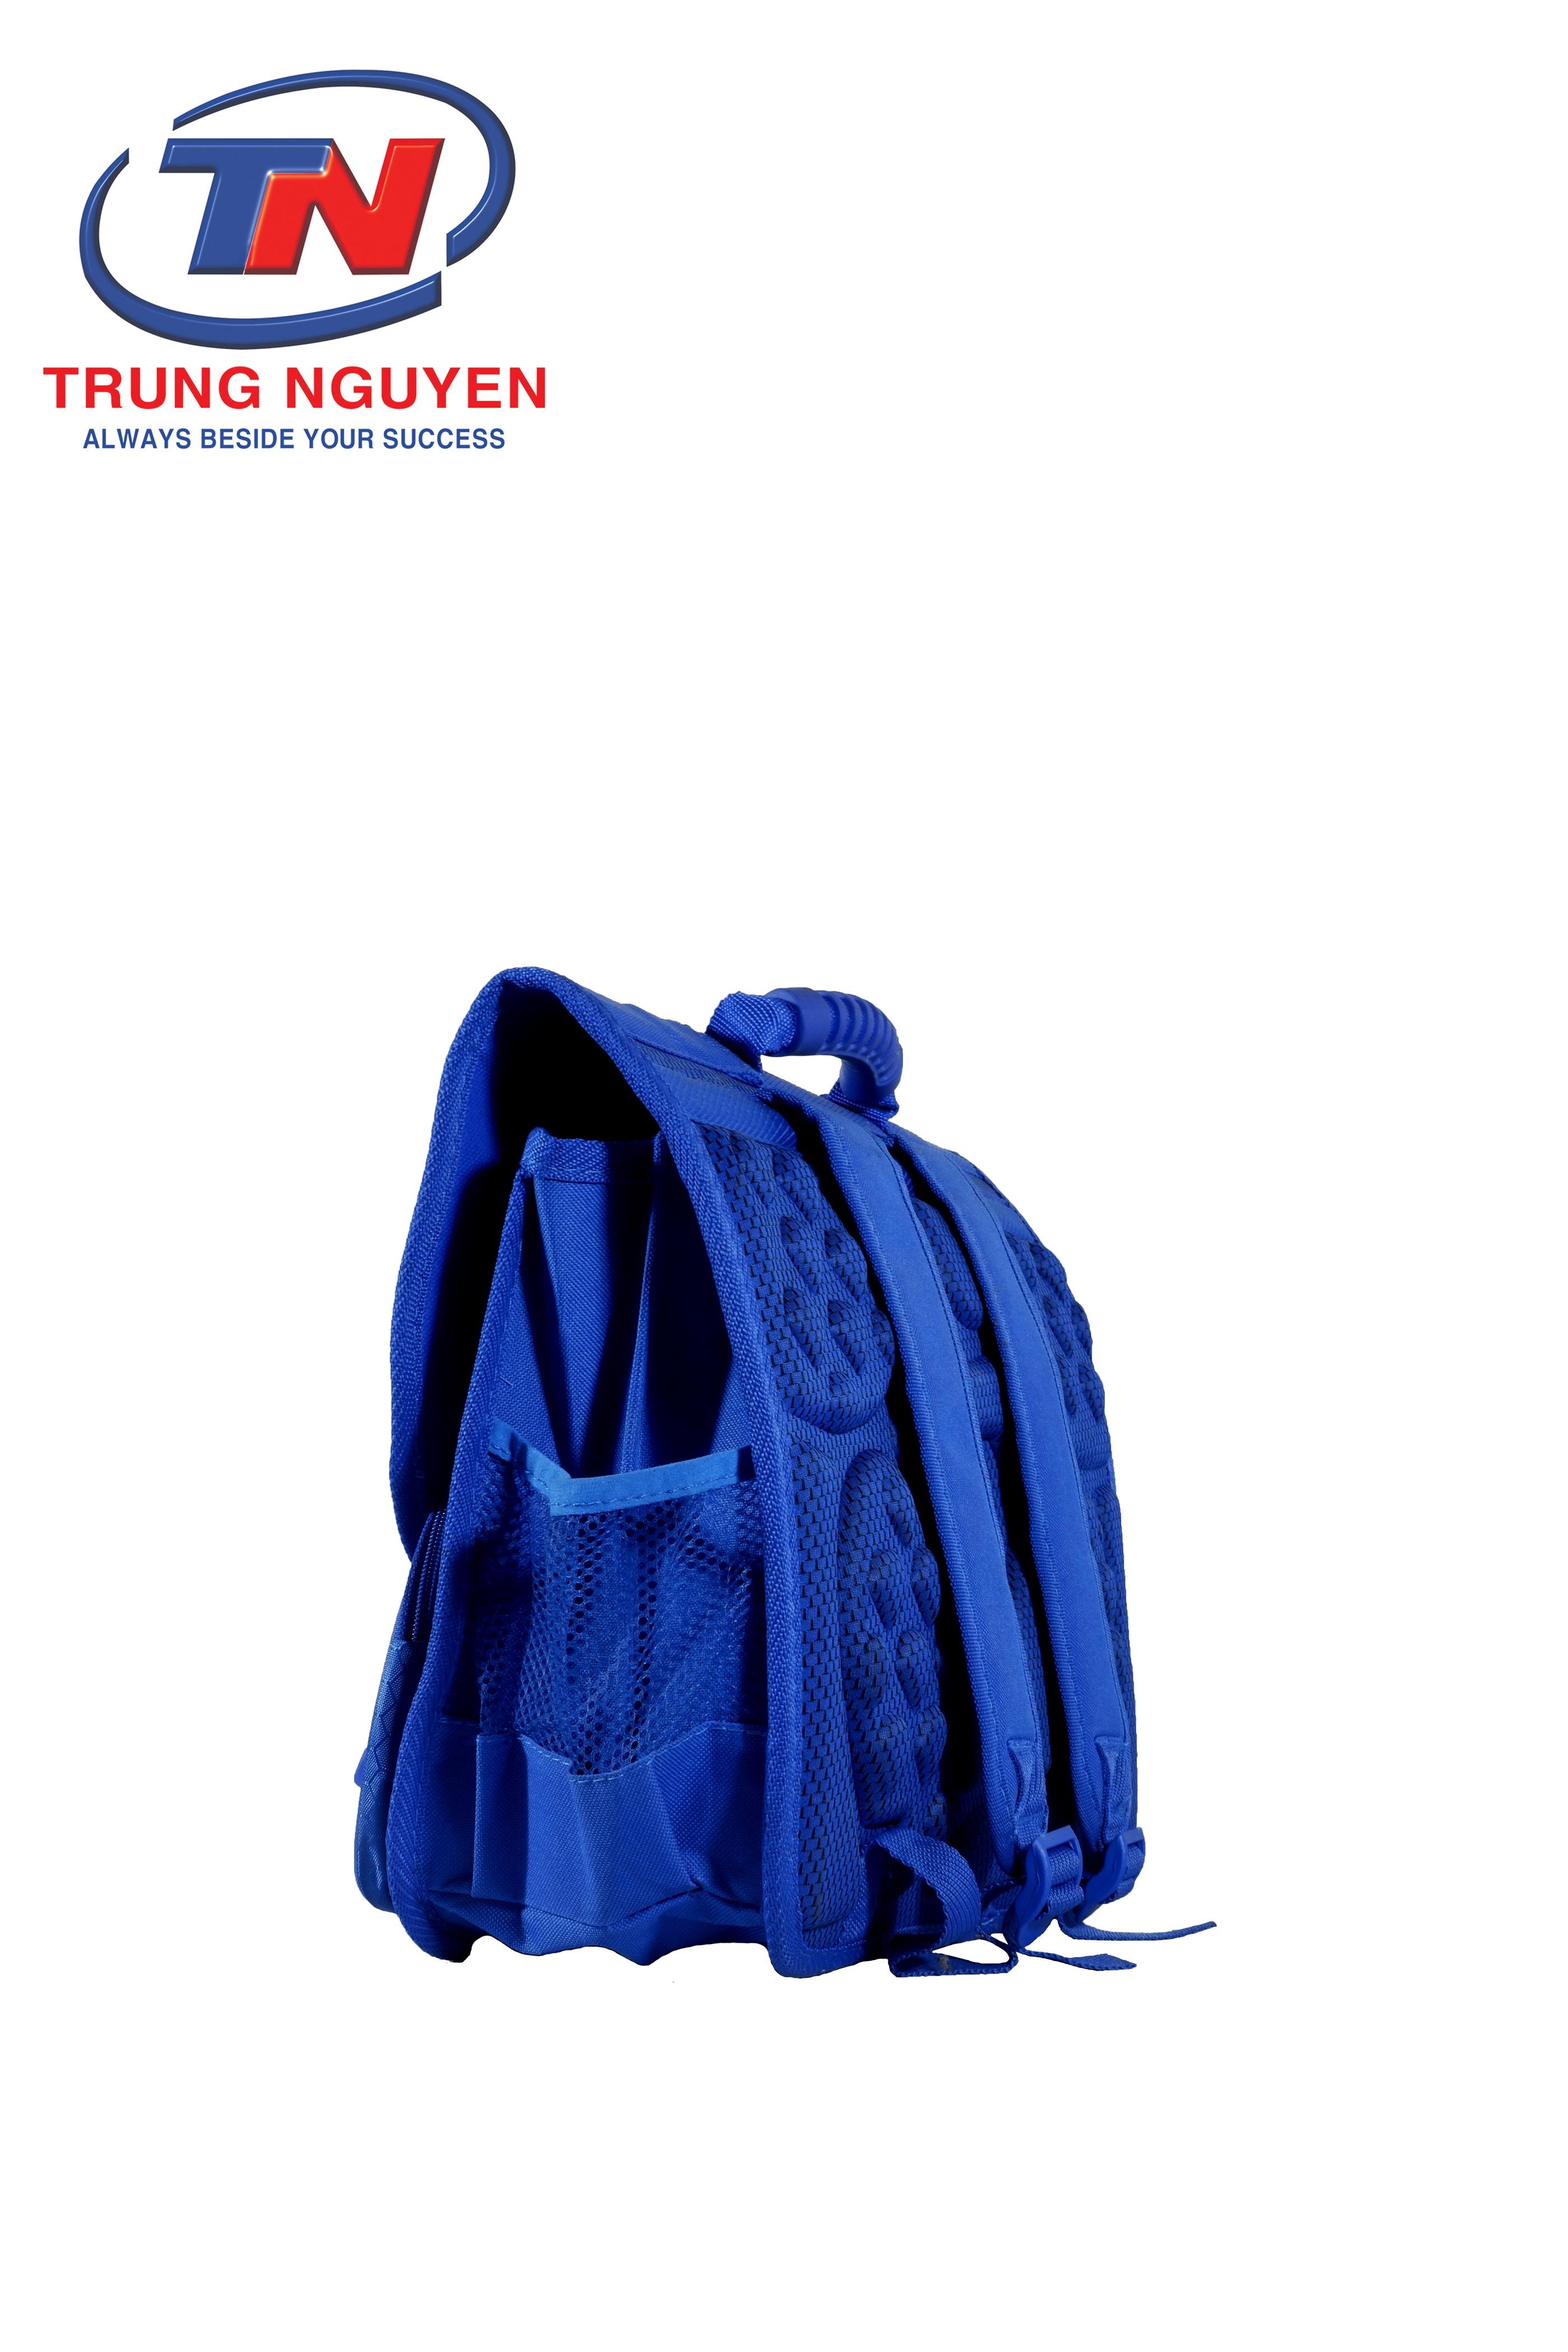 cặp học sinh chống gù lưng. Văn Phòng Phẩm-Nhà Sách Trung Nguyên|CHUYÊN BALO-TÚI XÁCH–VALI ĐẸP